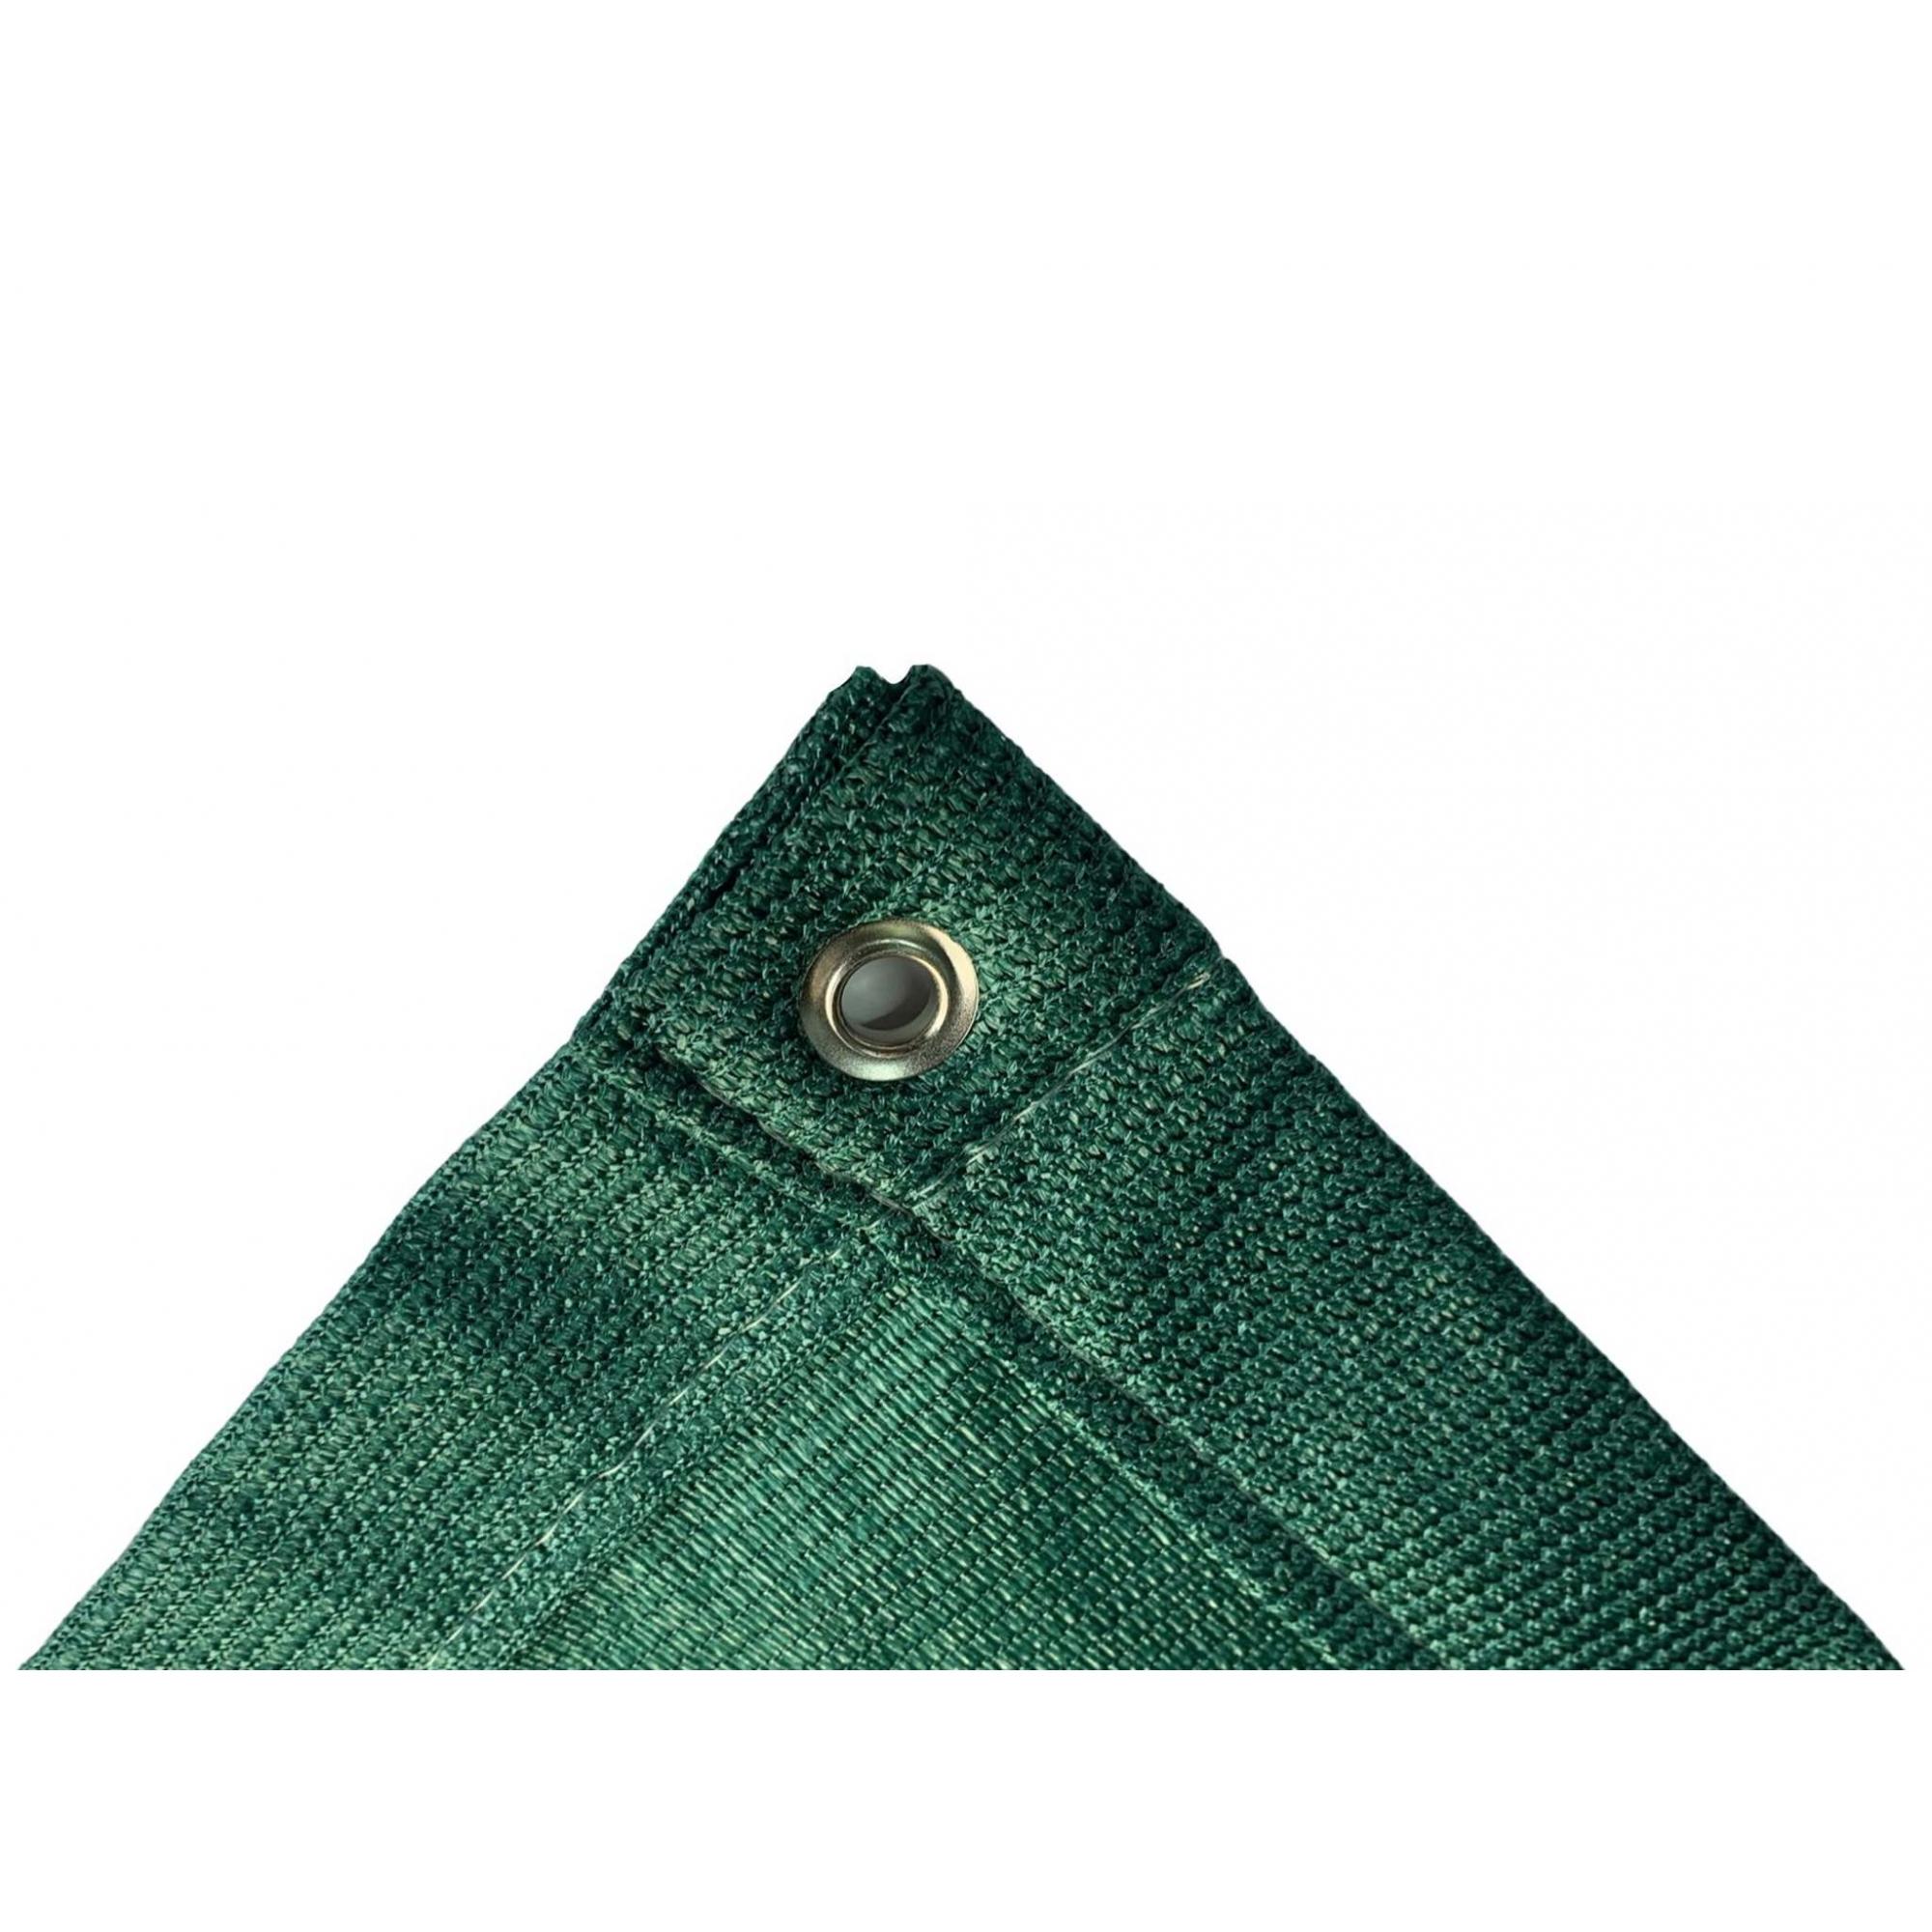 Tela de Sombreamento 90% Verde com Bainha e Ilhós - Largura: 4,5 Metros